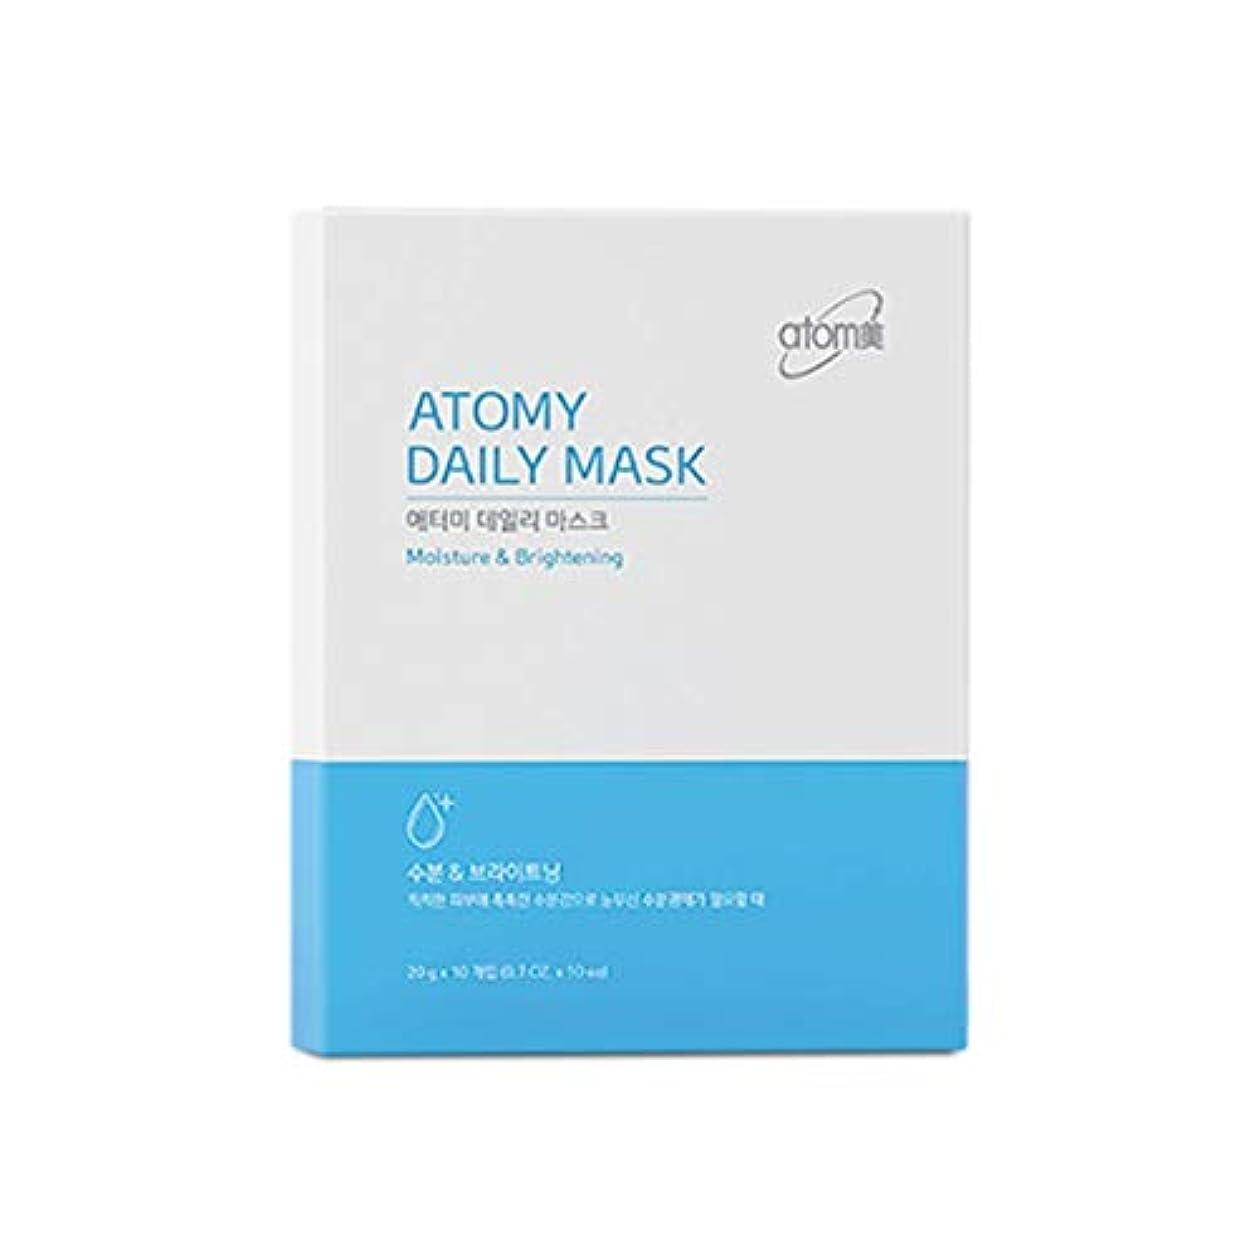 主張する債務者圧倒する[NEW] Atomy Daily Mask Sheet 10 Pack- Moisture & Brightening アトミ 自然由来の成分と4つの特許成分マスクパック(並行輸入品)